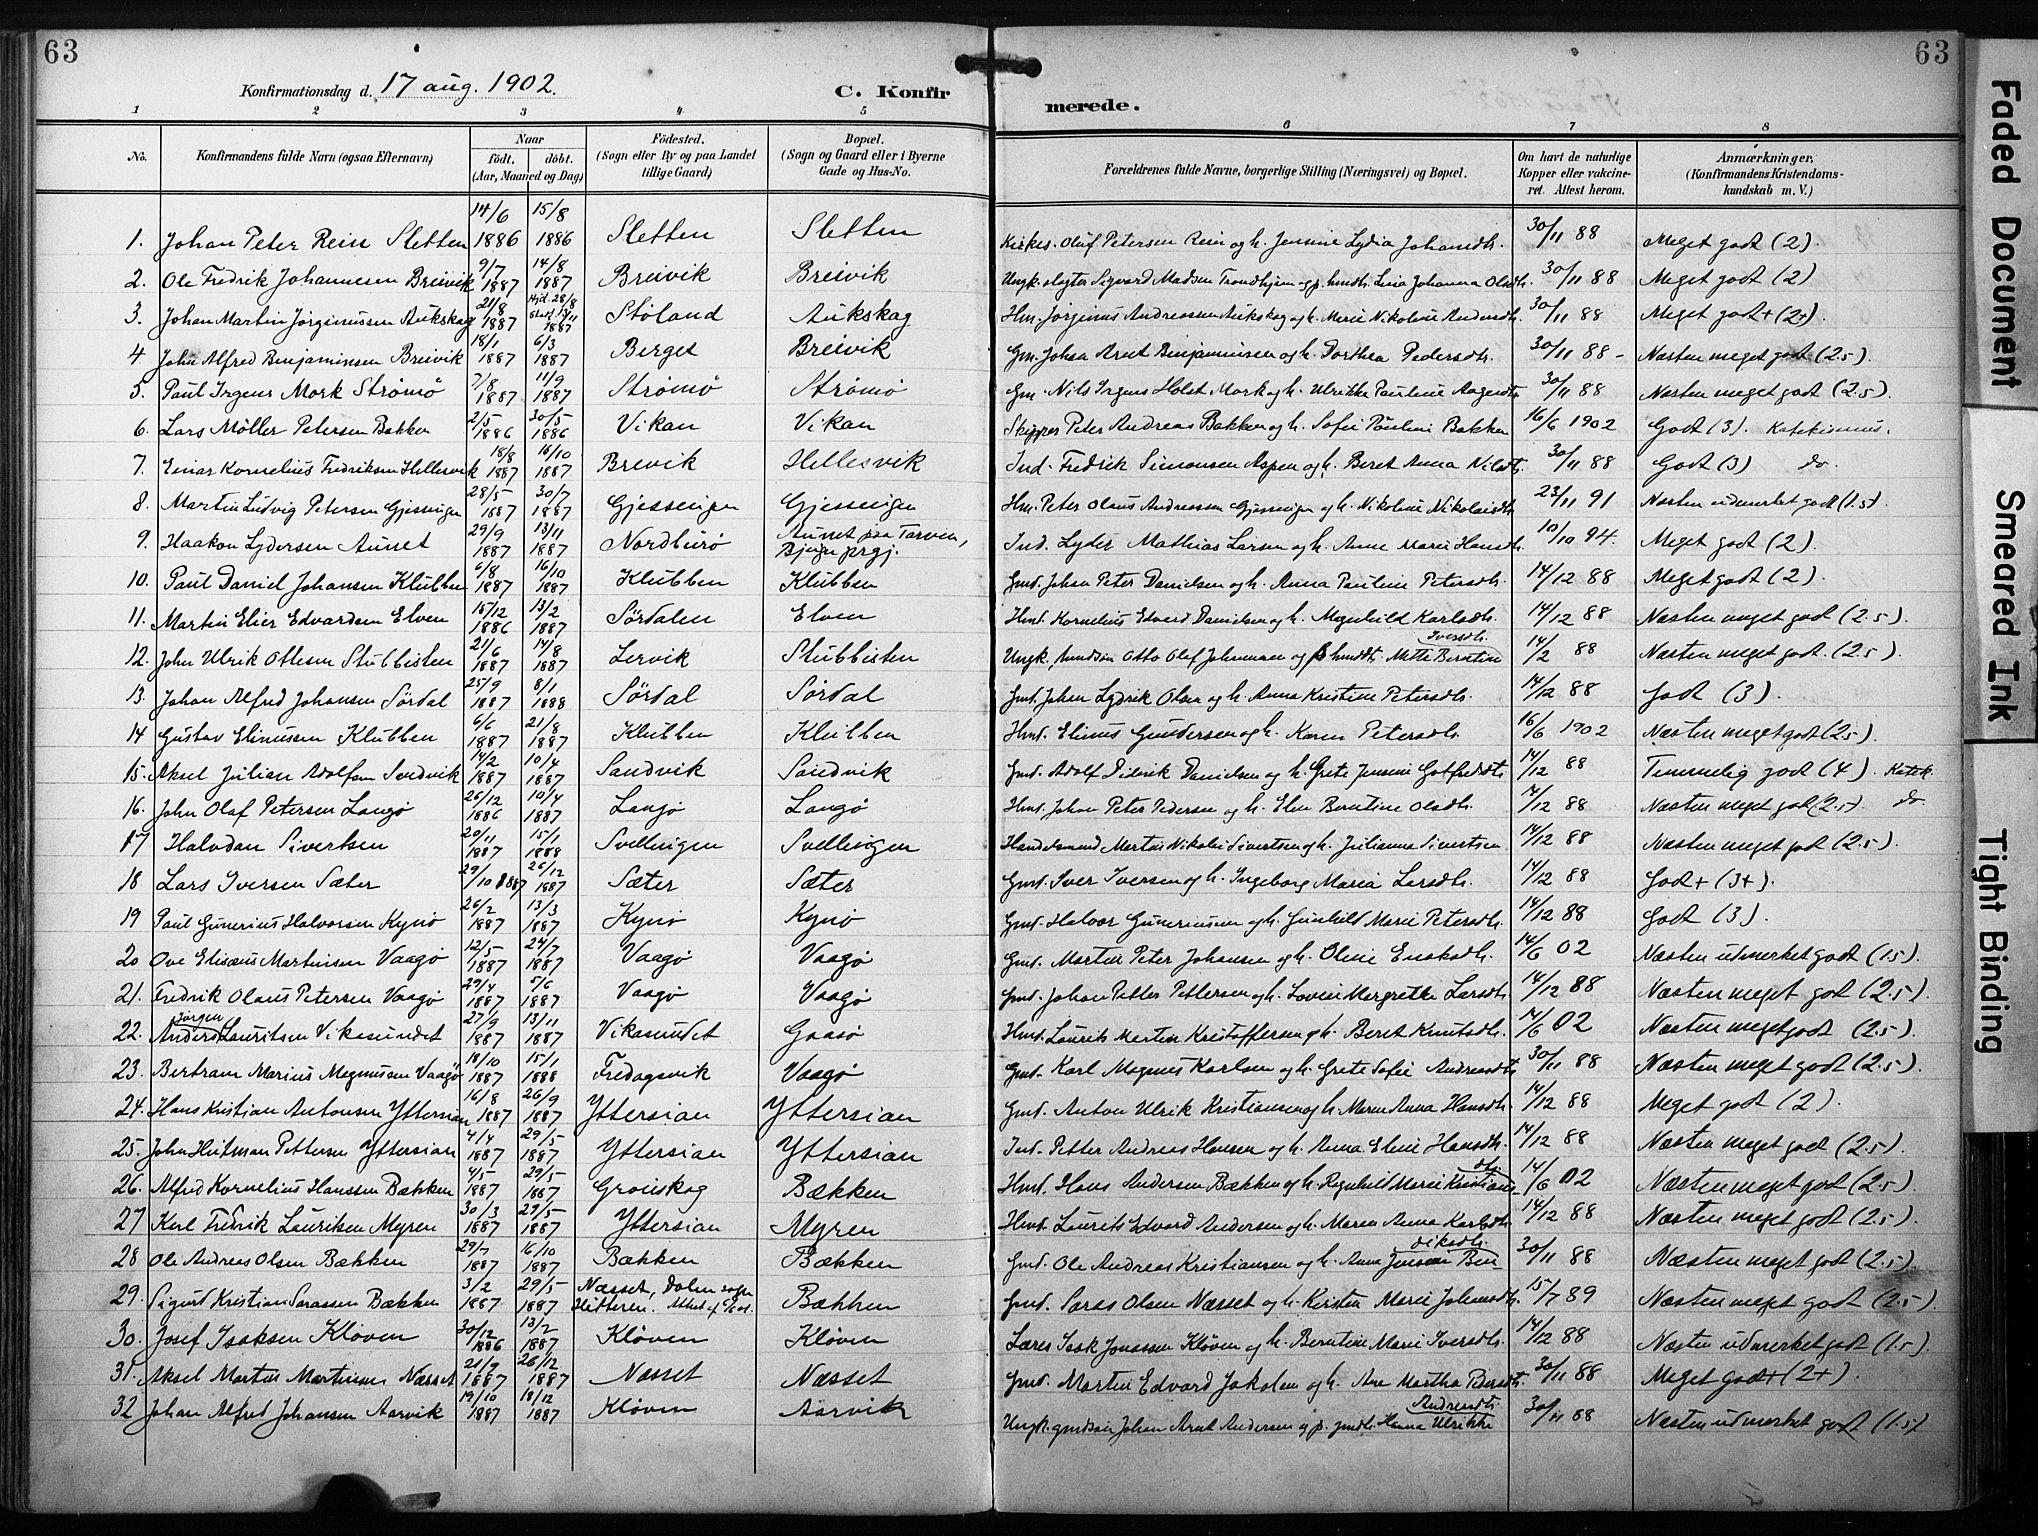 SAT, Ministerialprotokoller, klokkerbøker og fødselsregistre - Sør-Trøndelag, 640/L0580: Ministerialbok nr. 640A05, 1902-1910, s. 63